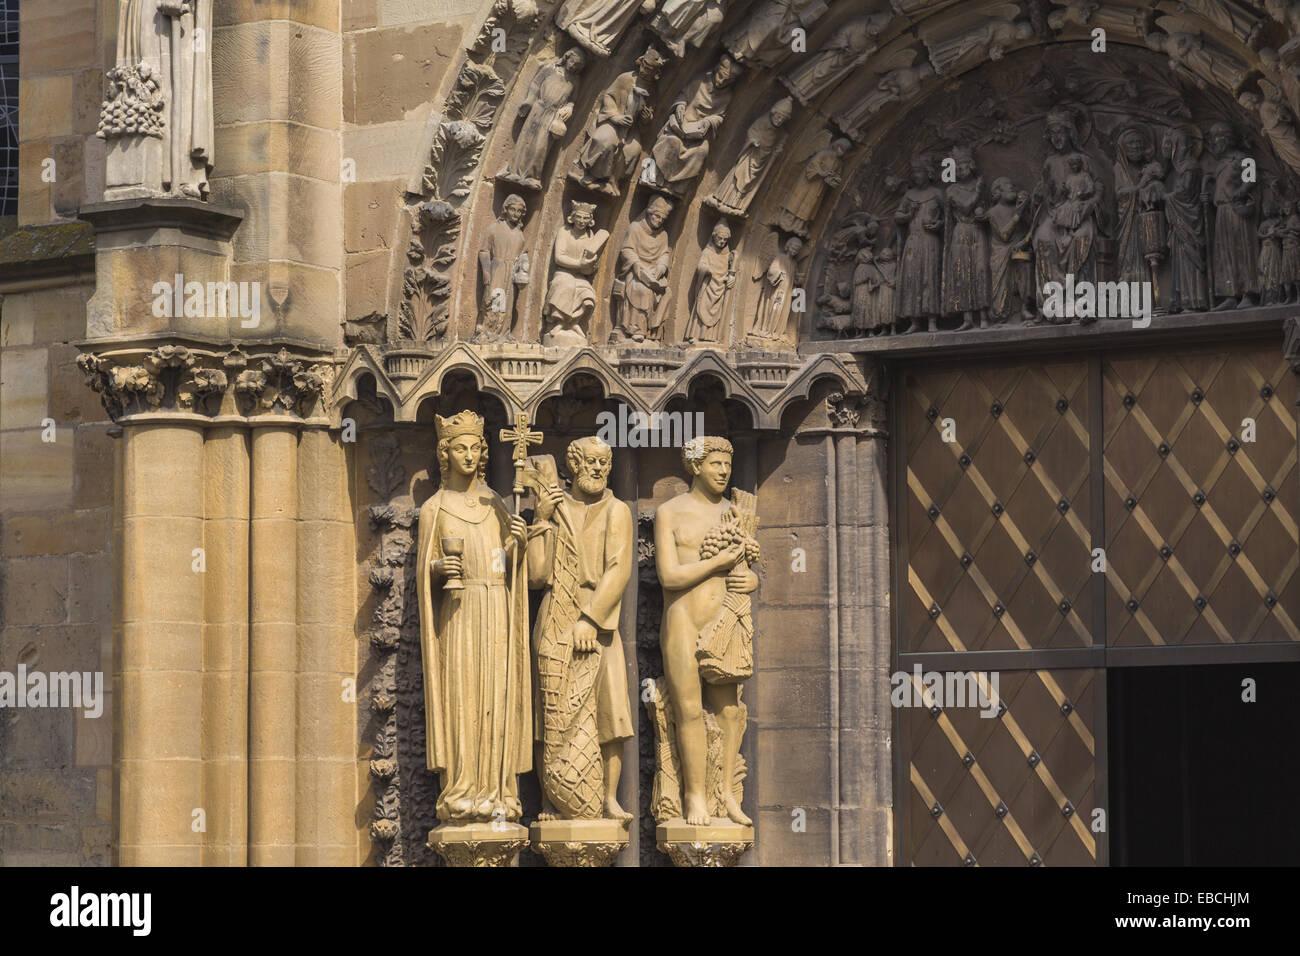 Xiii secolo età di età compresa tra architettura arte edificio credenza cristiana chiesa Chiesa di Nostra Immagini Stock